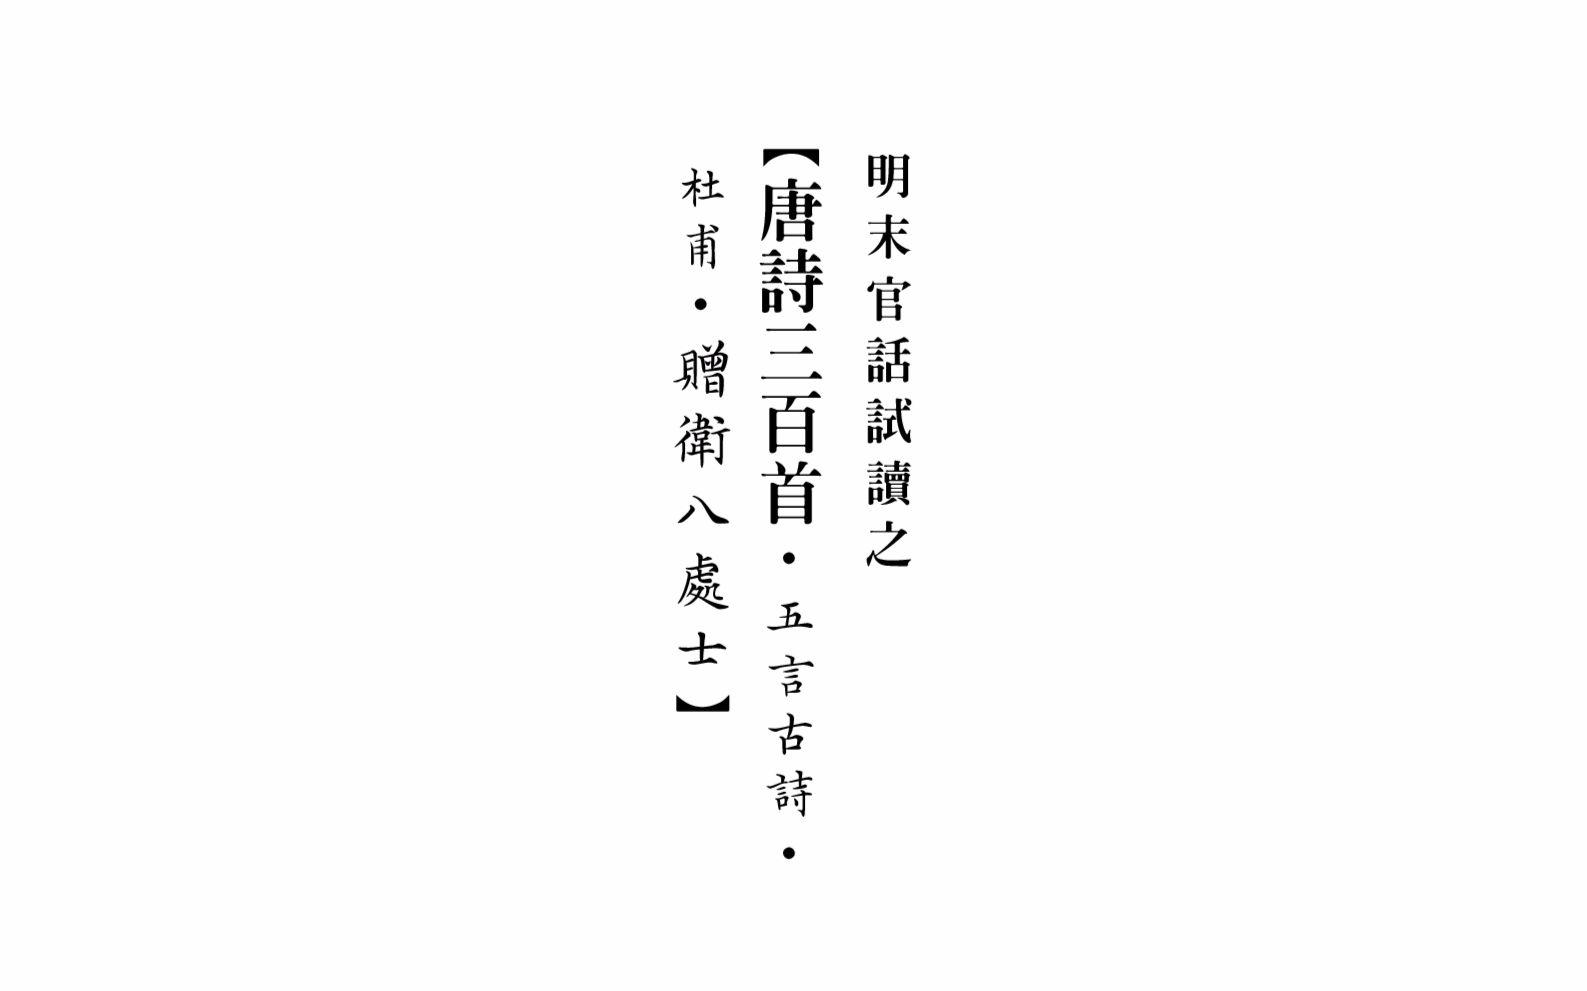 明末官话试读 之 【唐诗三百首·五言古诗·杜甫·赠卫八处士】 (21)